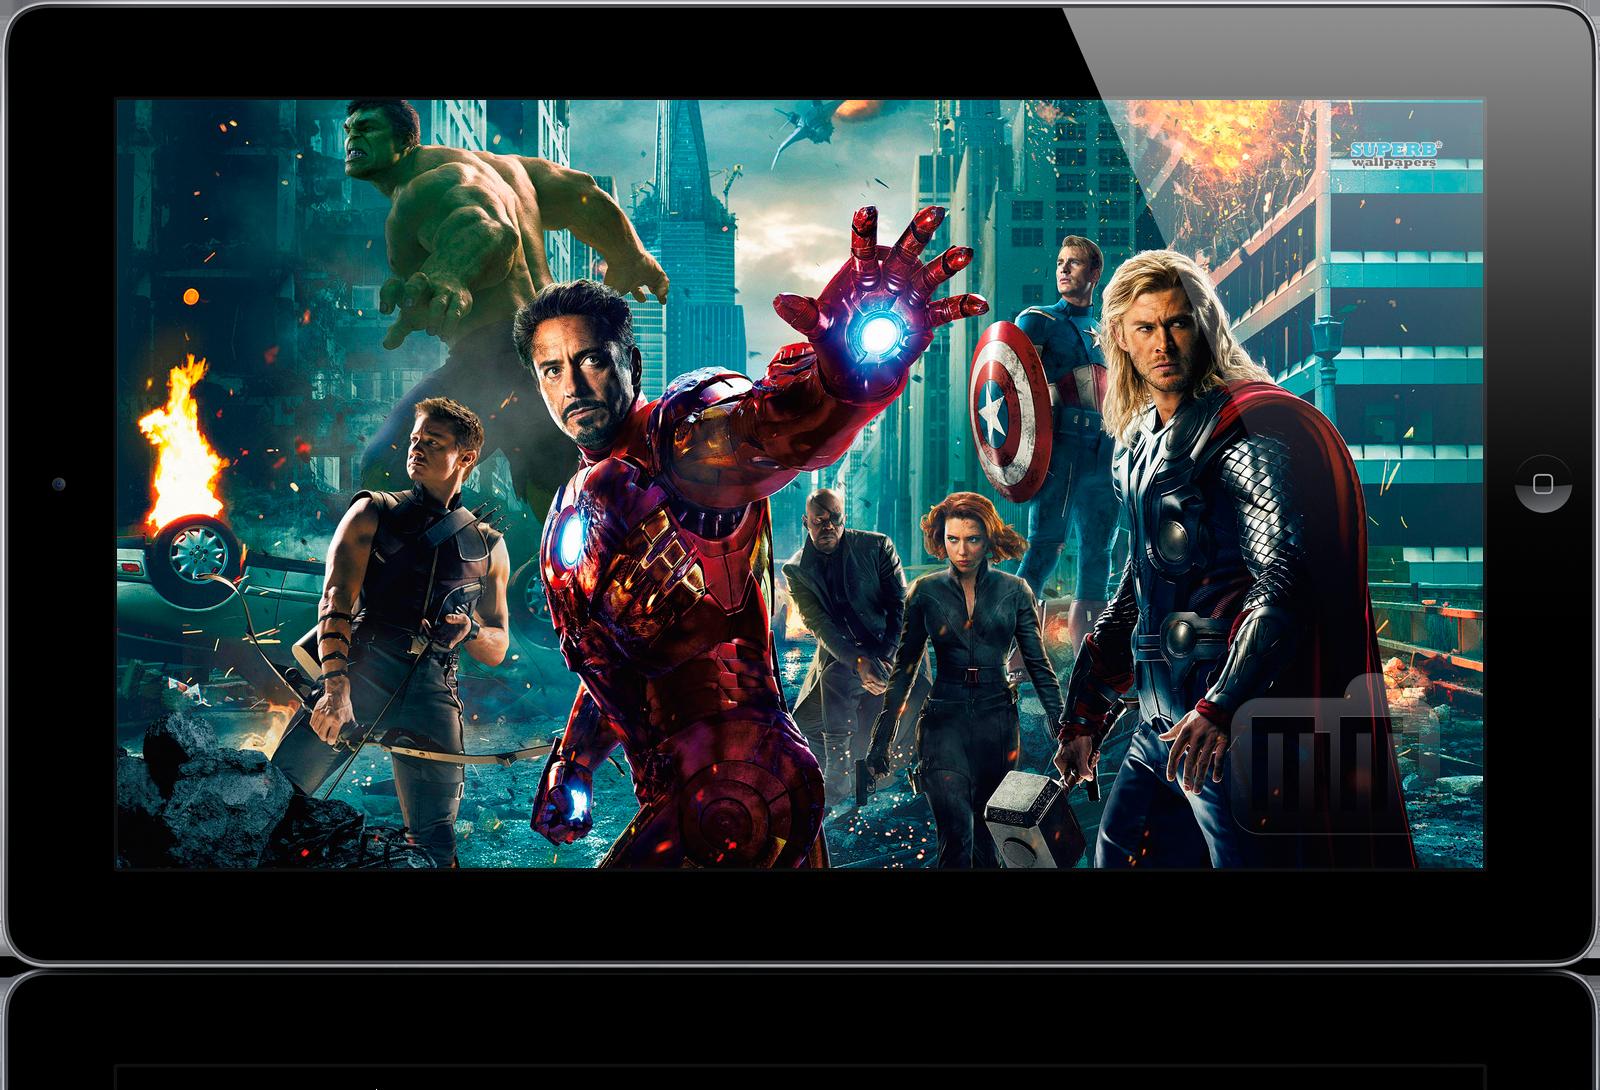 Mockup de iPad widescreen, 16:9